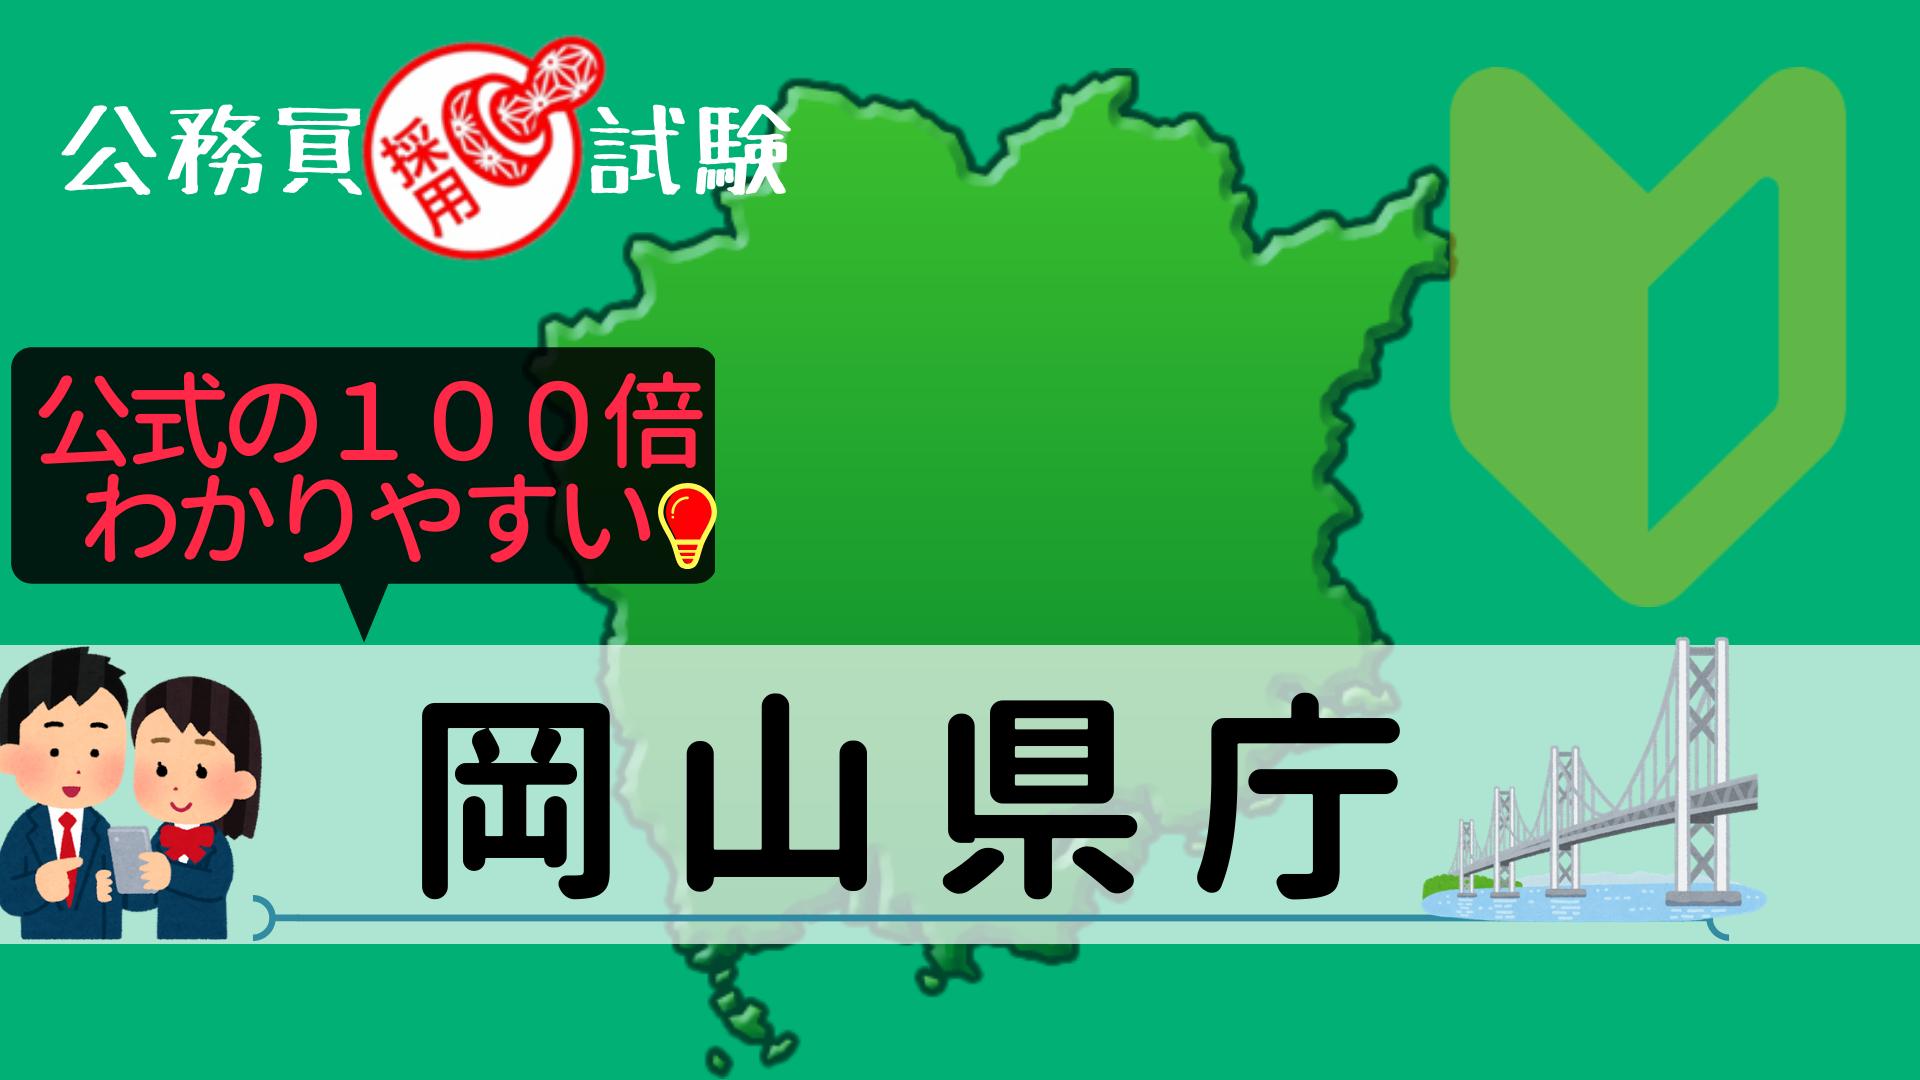 岡山県庁の公務員採用試験について